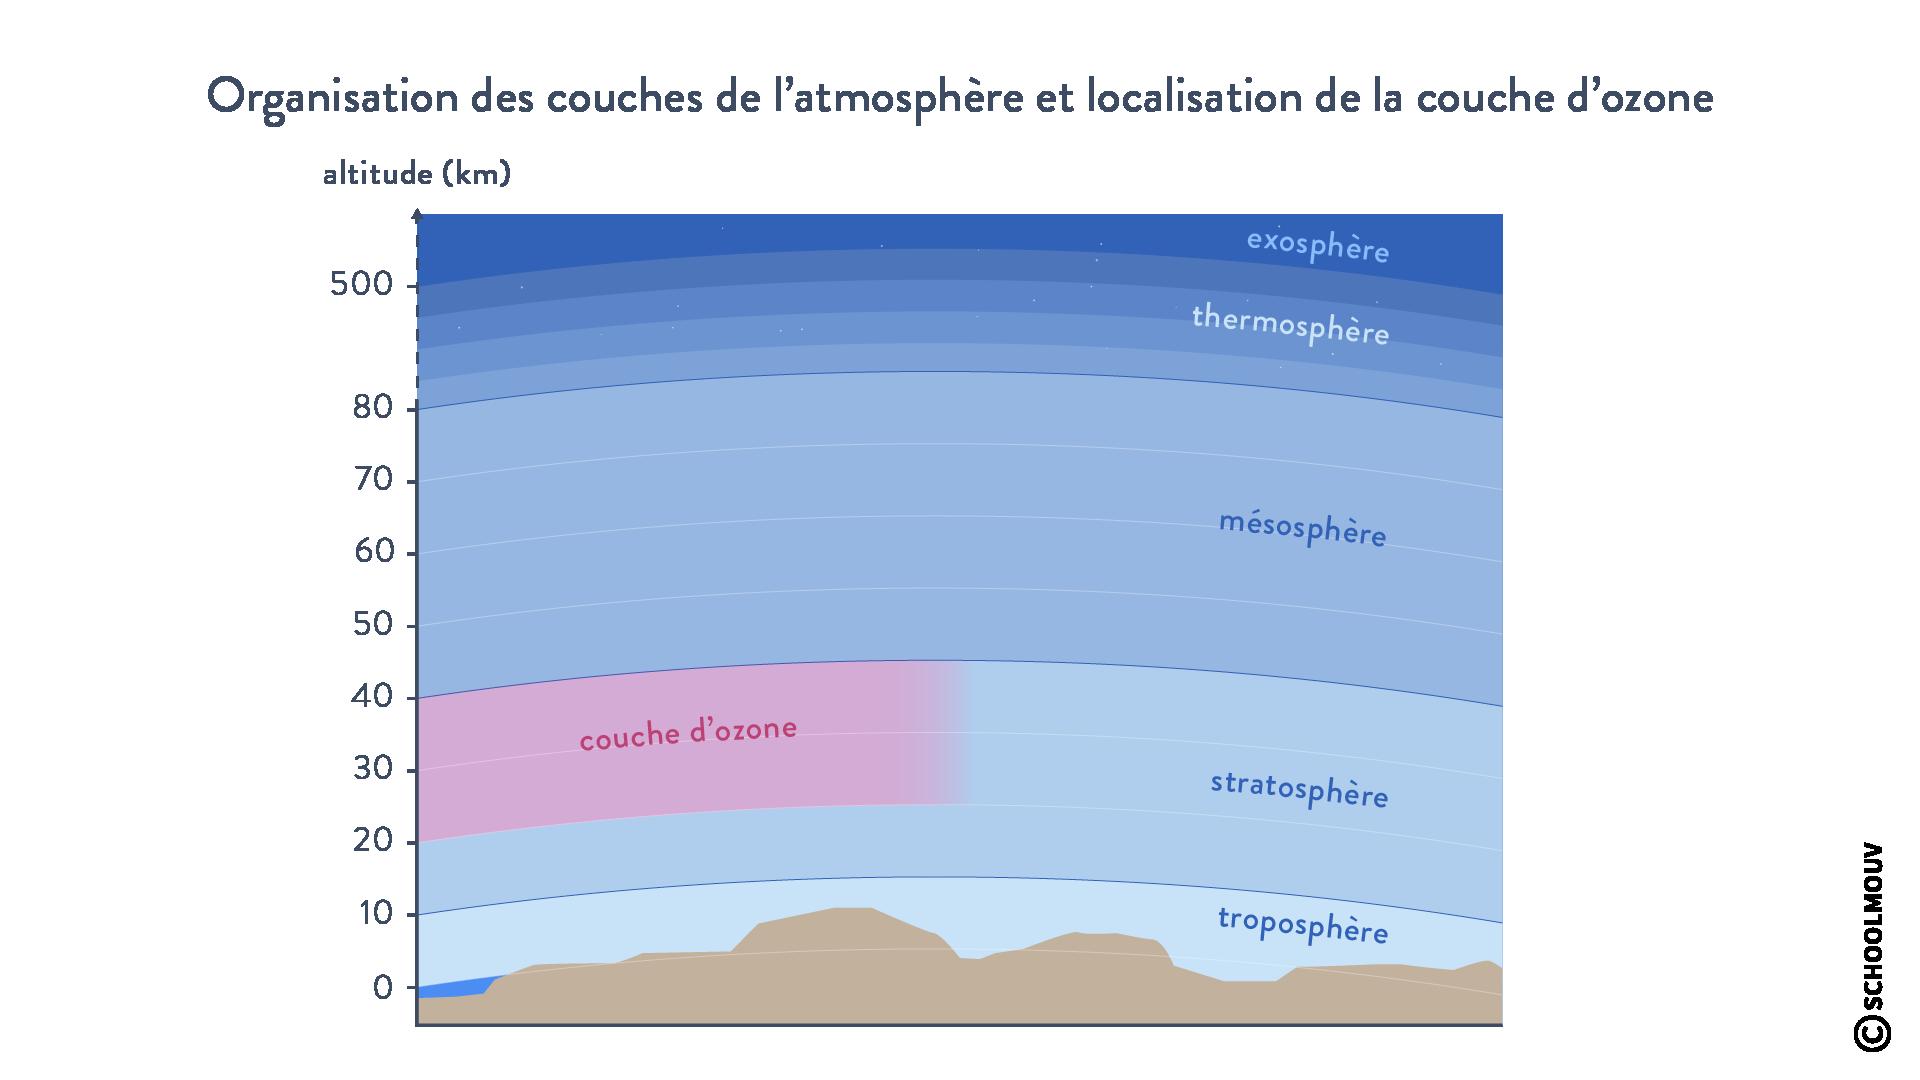 couches de l'atmosphère et localisation de la couche d'ozone